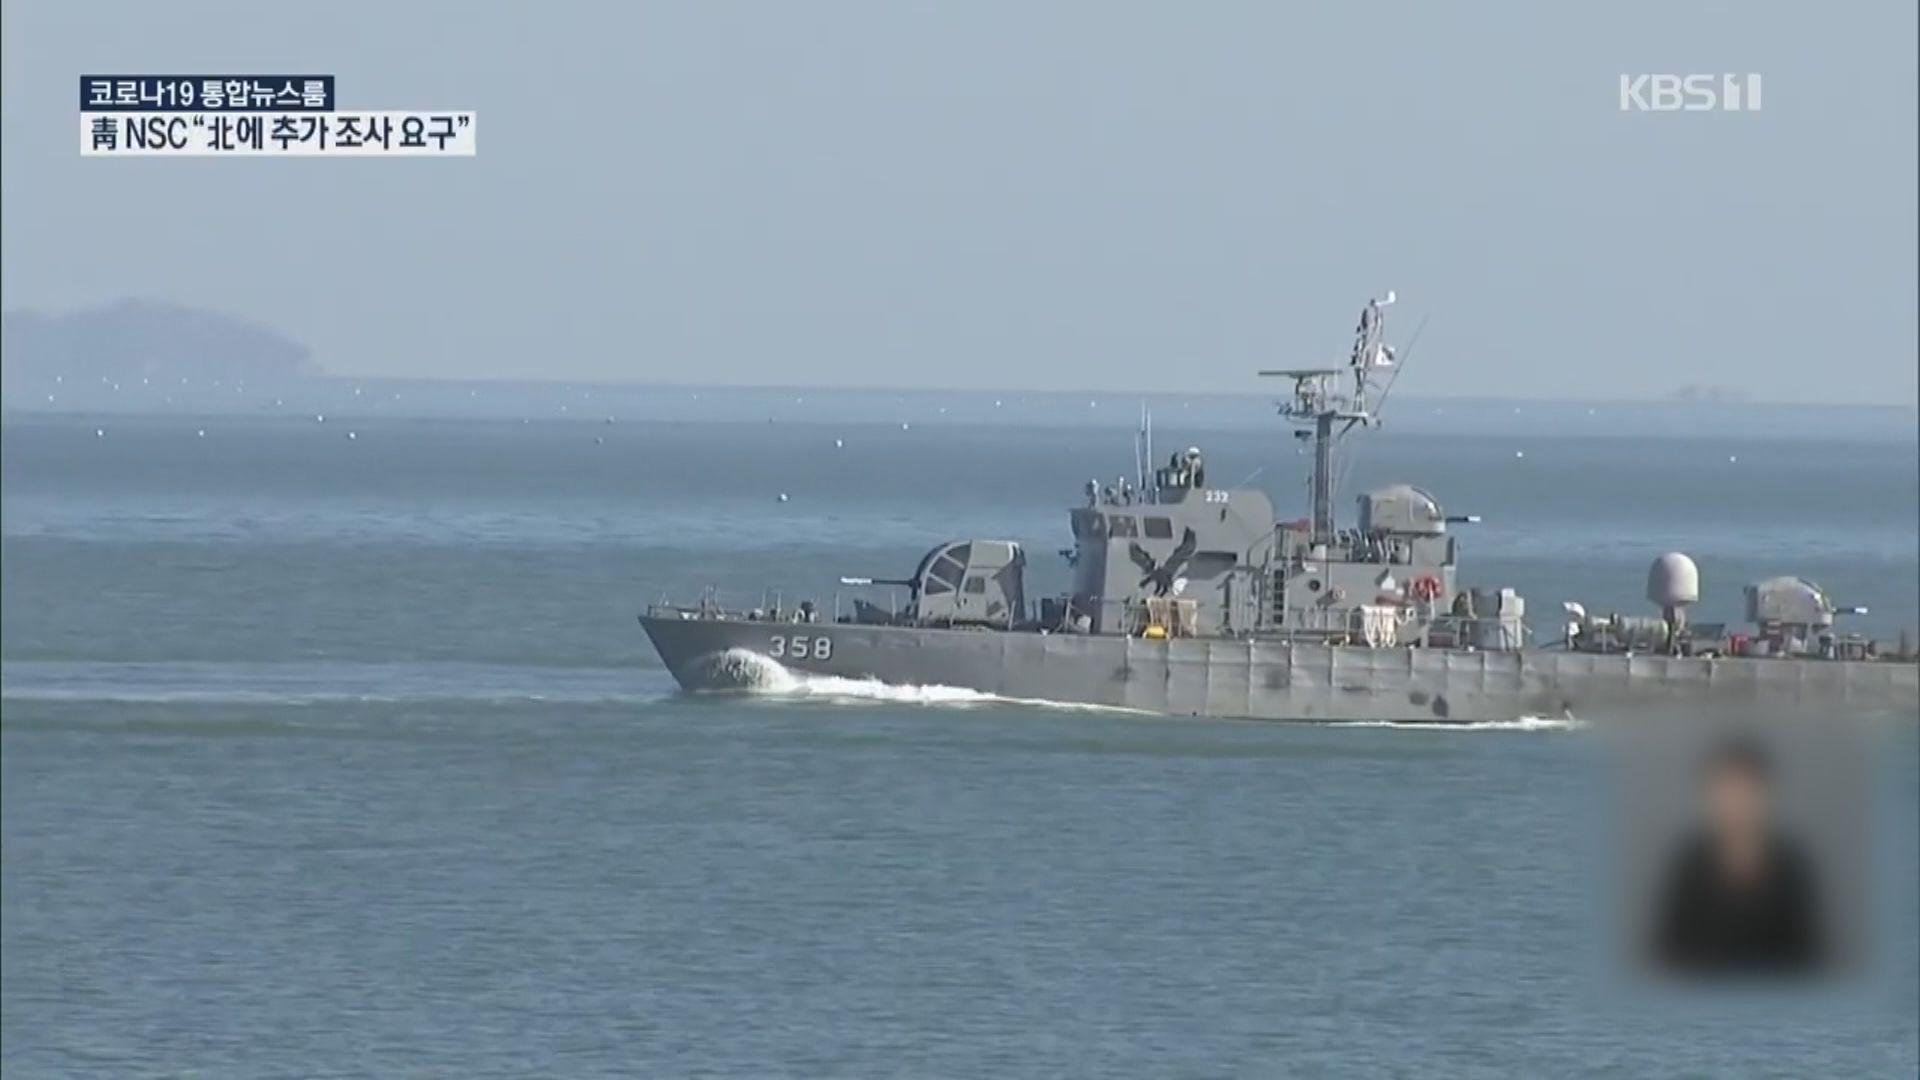 北韓警告南韓立即停止入侵北韓水域